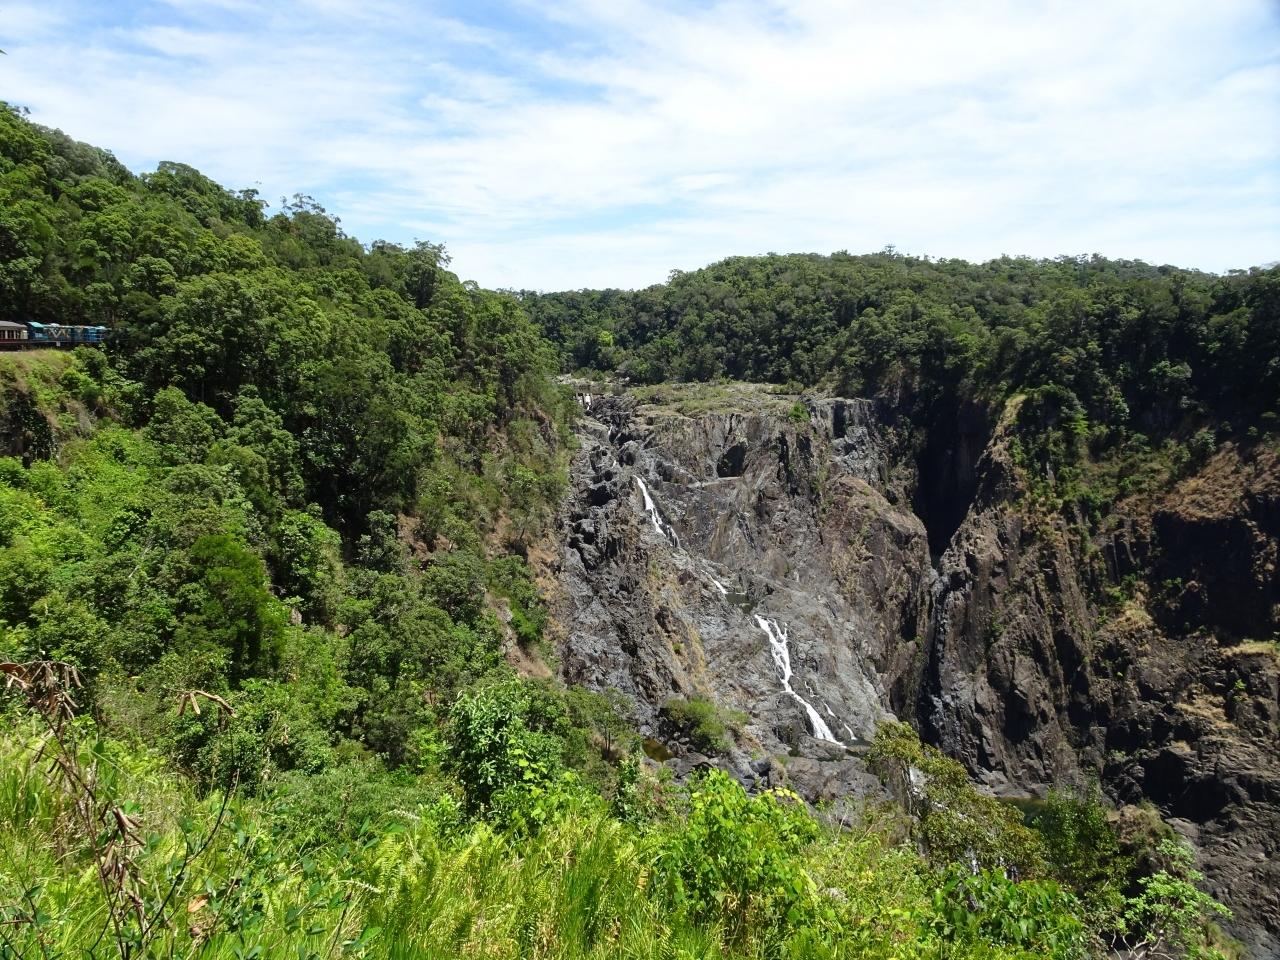 バロン滝。 うん、なんて事はない普通の滝です。